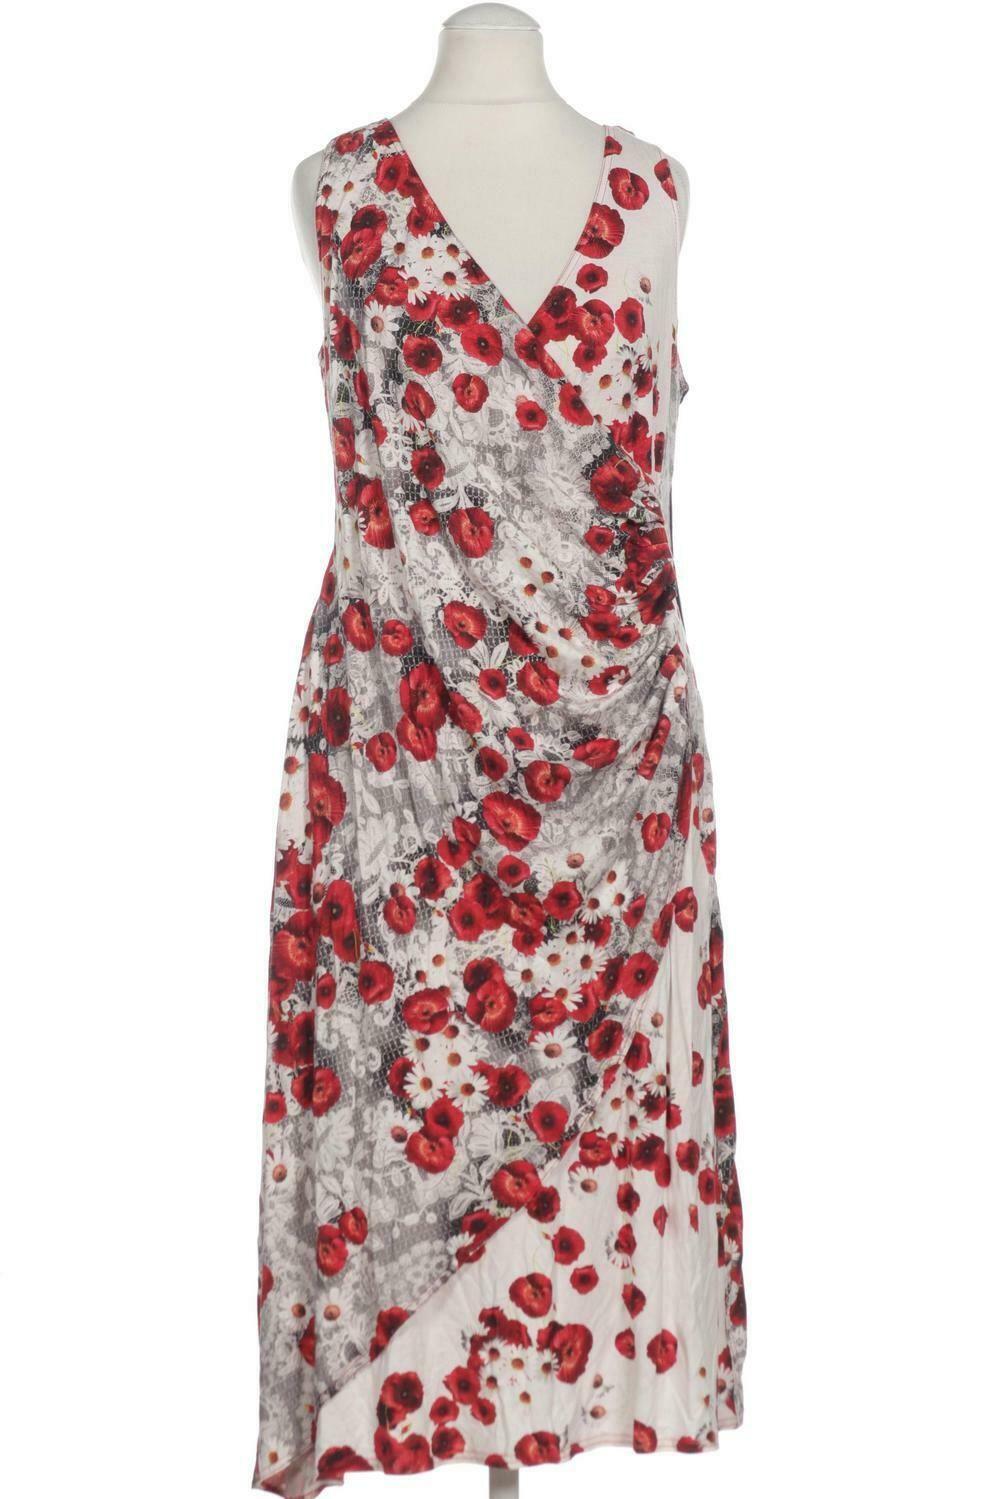 Gerry Weber Kleid Damen Dress Damenkleid Gr Xs Kein Etikett Rot Fa9d6ae Rotes Kleid Ideen Von Rotes Kleid Roteskleid Damenkleider Kleider Rotes Kleid